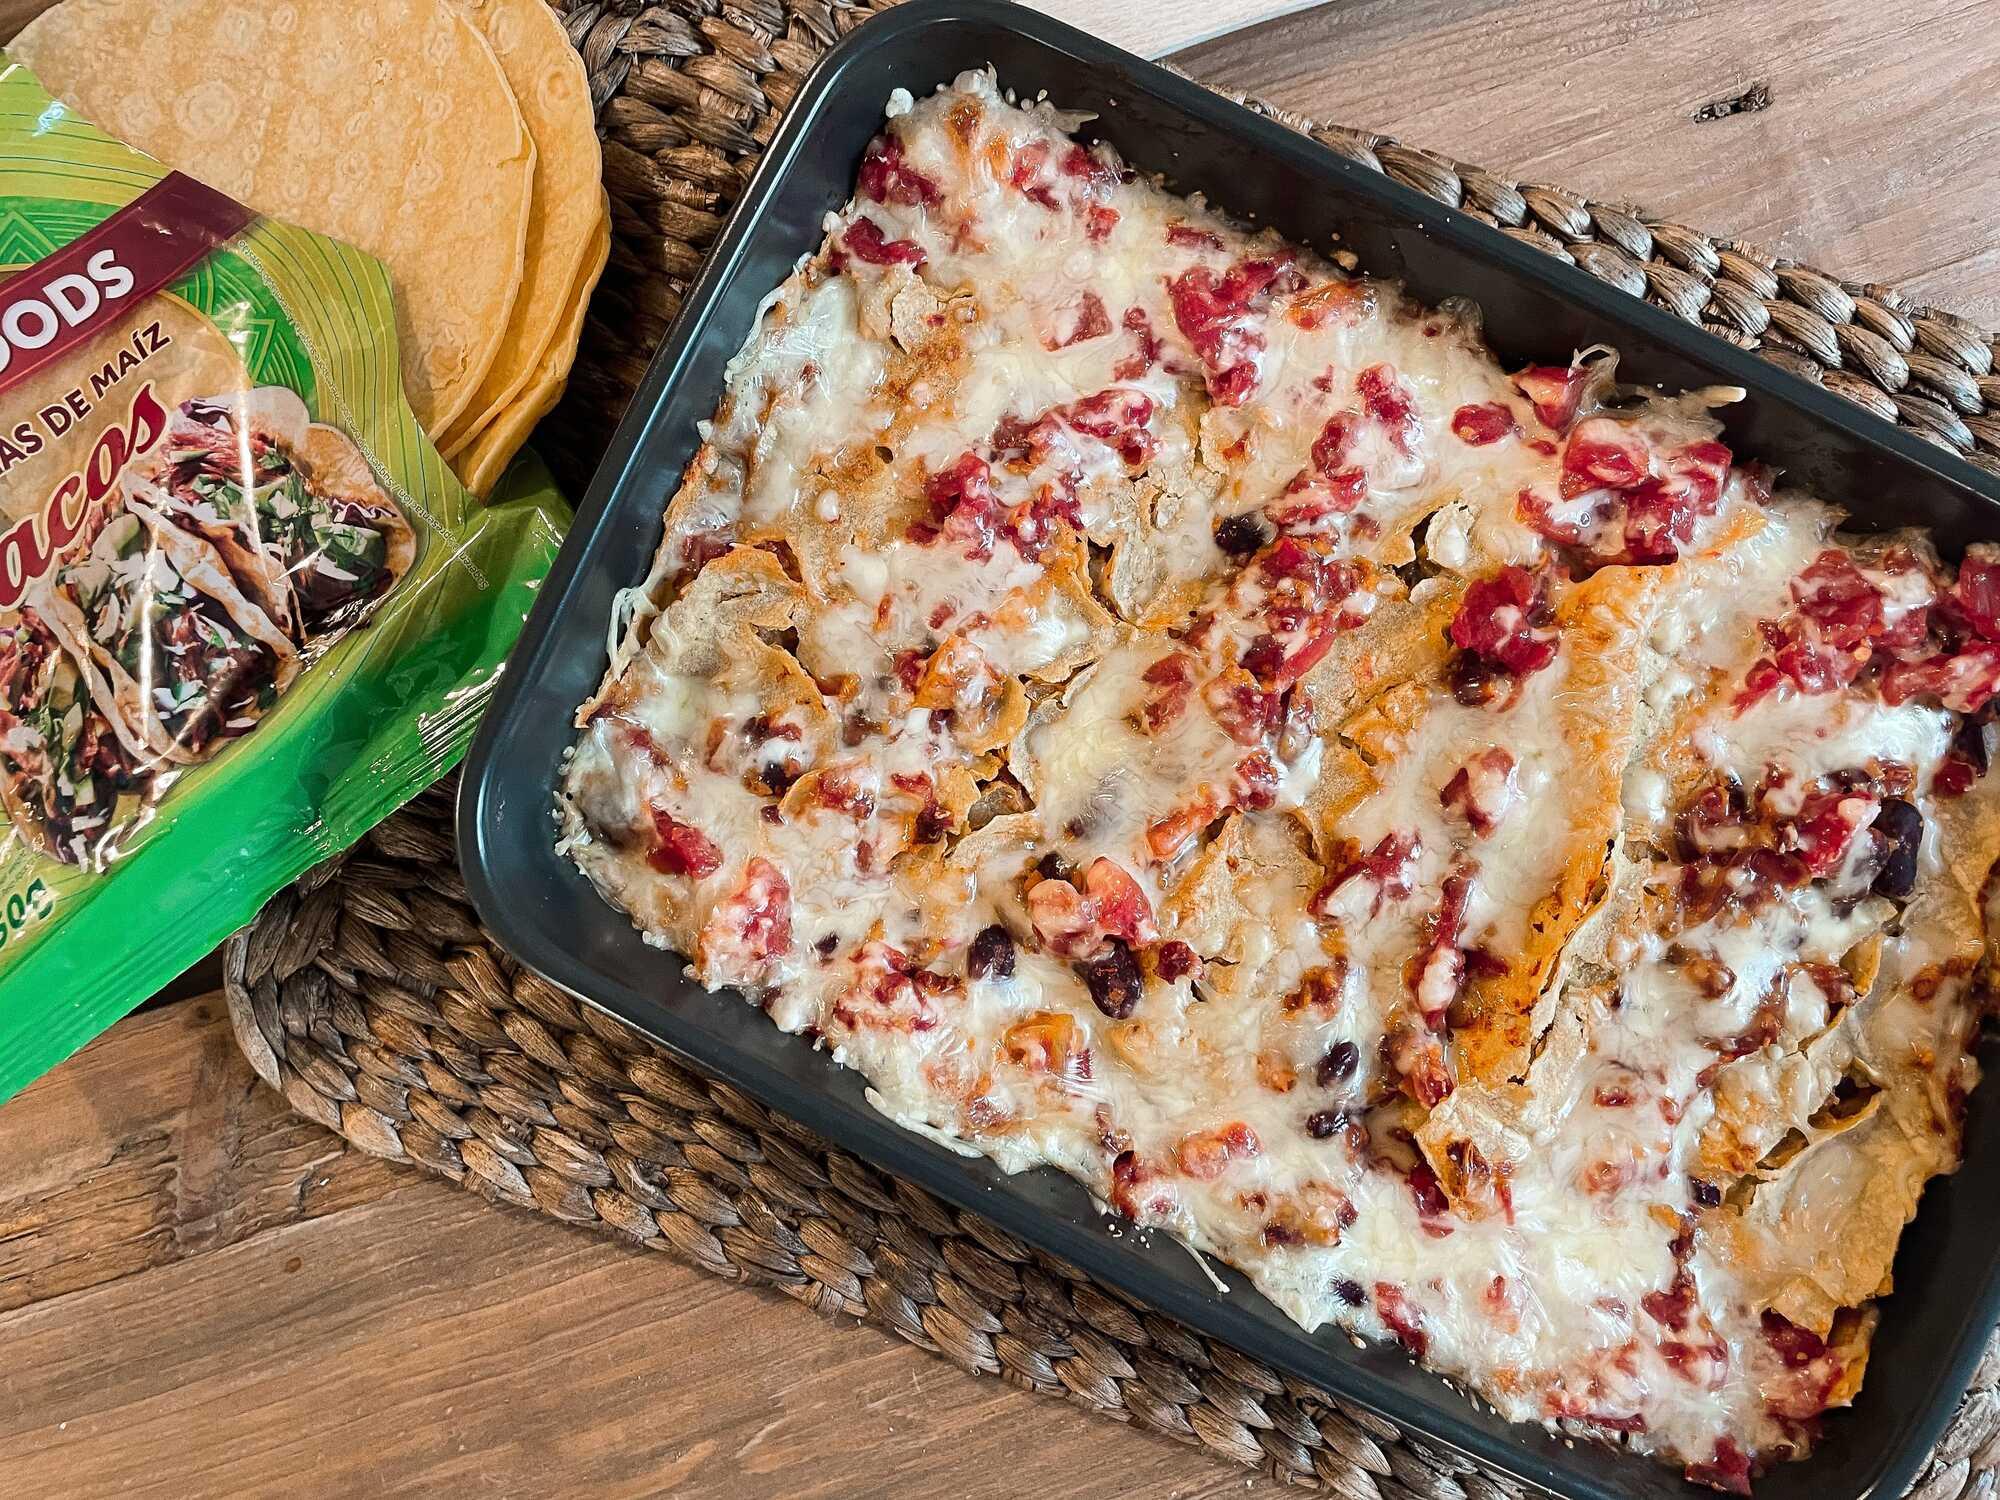 Ces enchiladas végétariennes au fromage, haricots rouges, et protéines de soja sont présentées dans un plat à gratin de couleur noir.